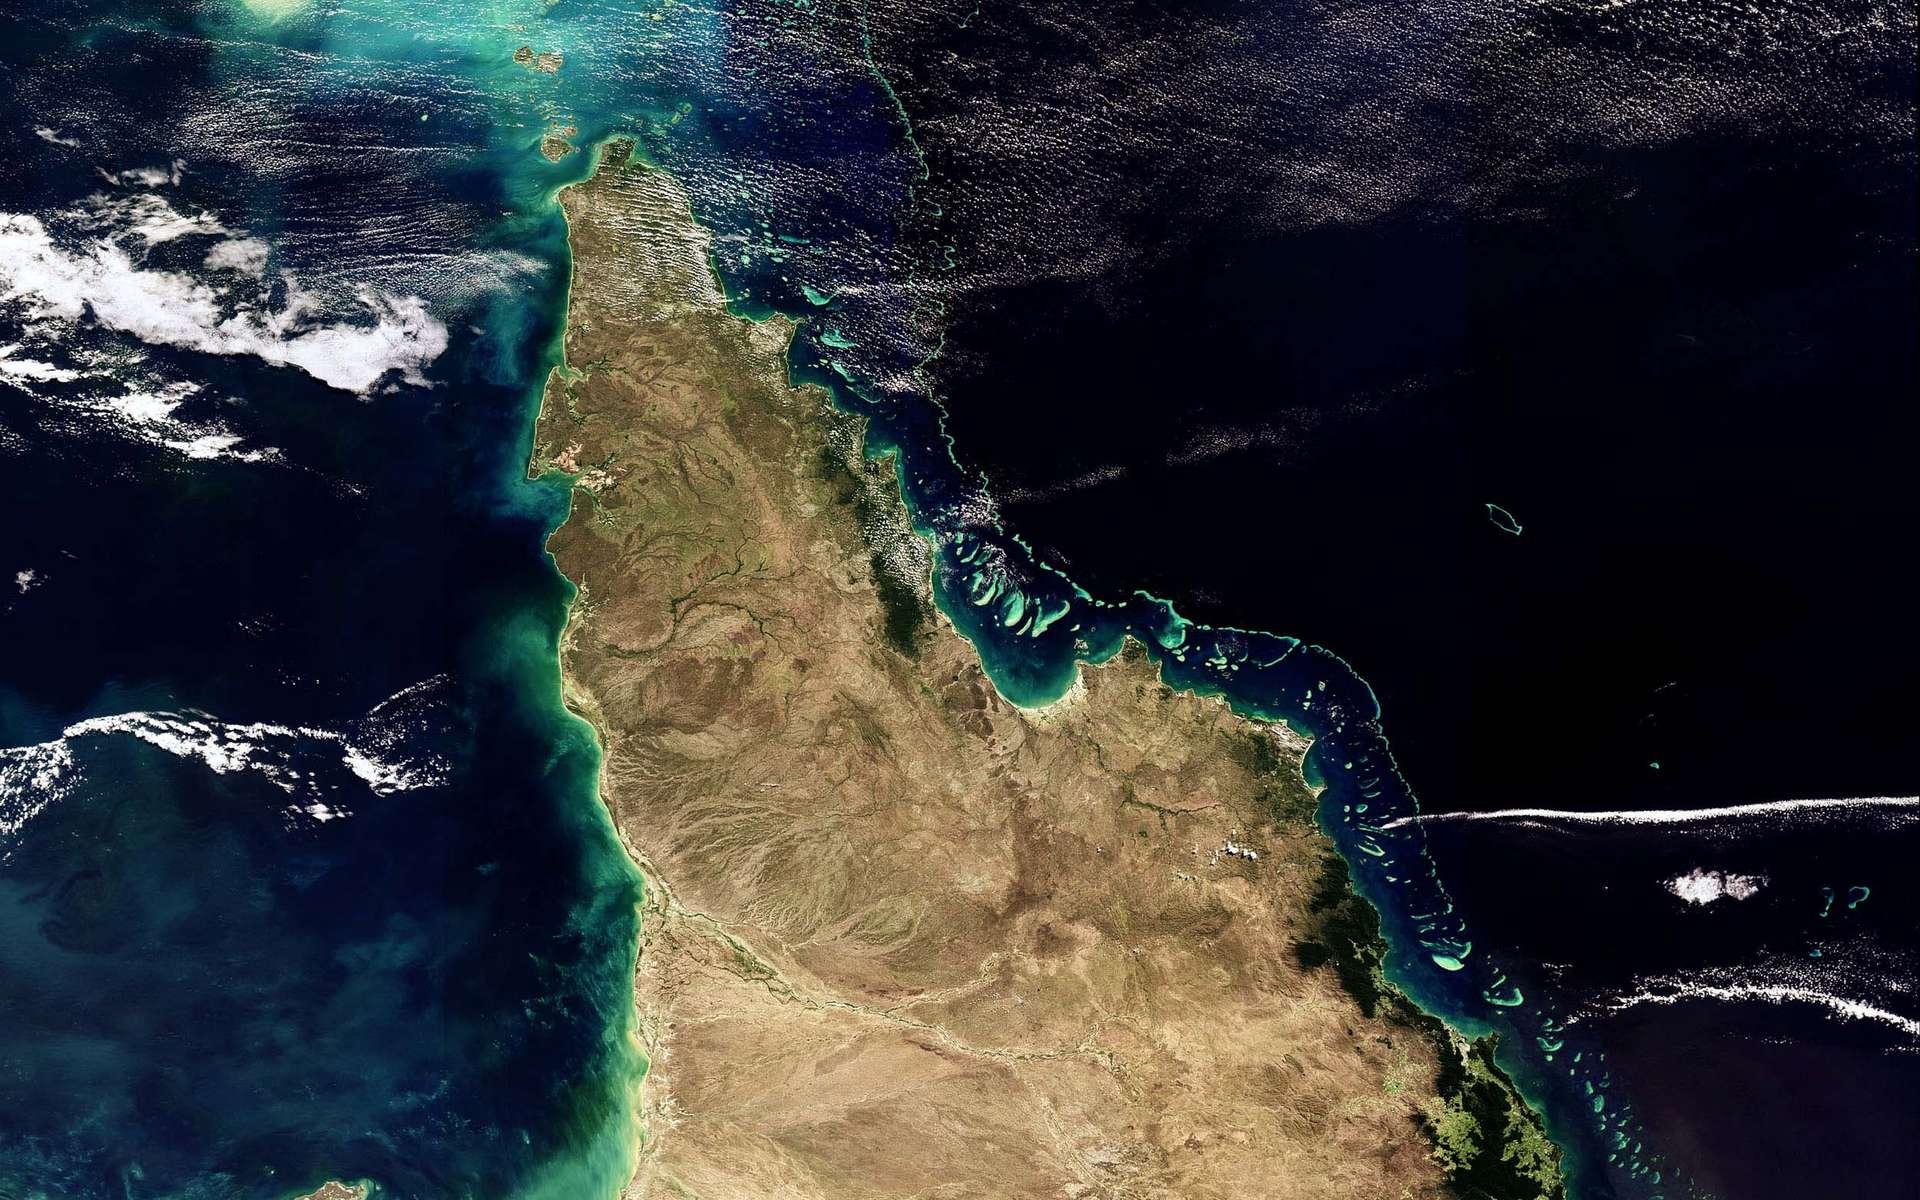 Cette image prise par Envisat a été acquise par l'instrument Meris le 18 mai 2008, en mode « pleine résolution » qui permet de faire apparaître des détails de 300 m au niveau du sol. Elle nous montre l'une des grandes merveilles naturelles de la Terre : les récifs de la Grande Barrière, dans la mer de Corail, le long de la côte Est du Queensland, en Australie.